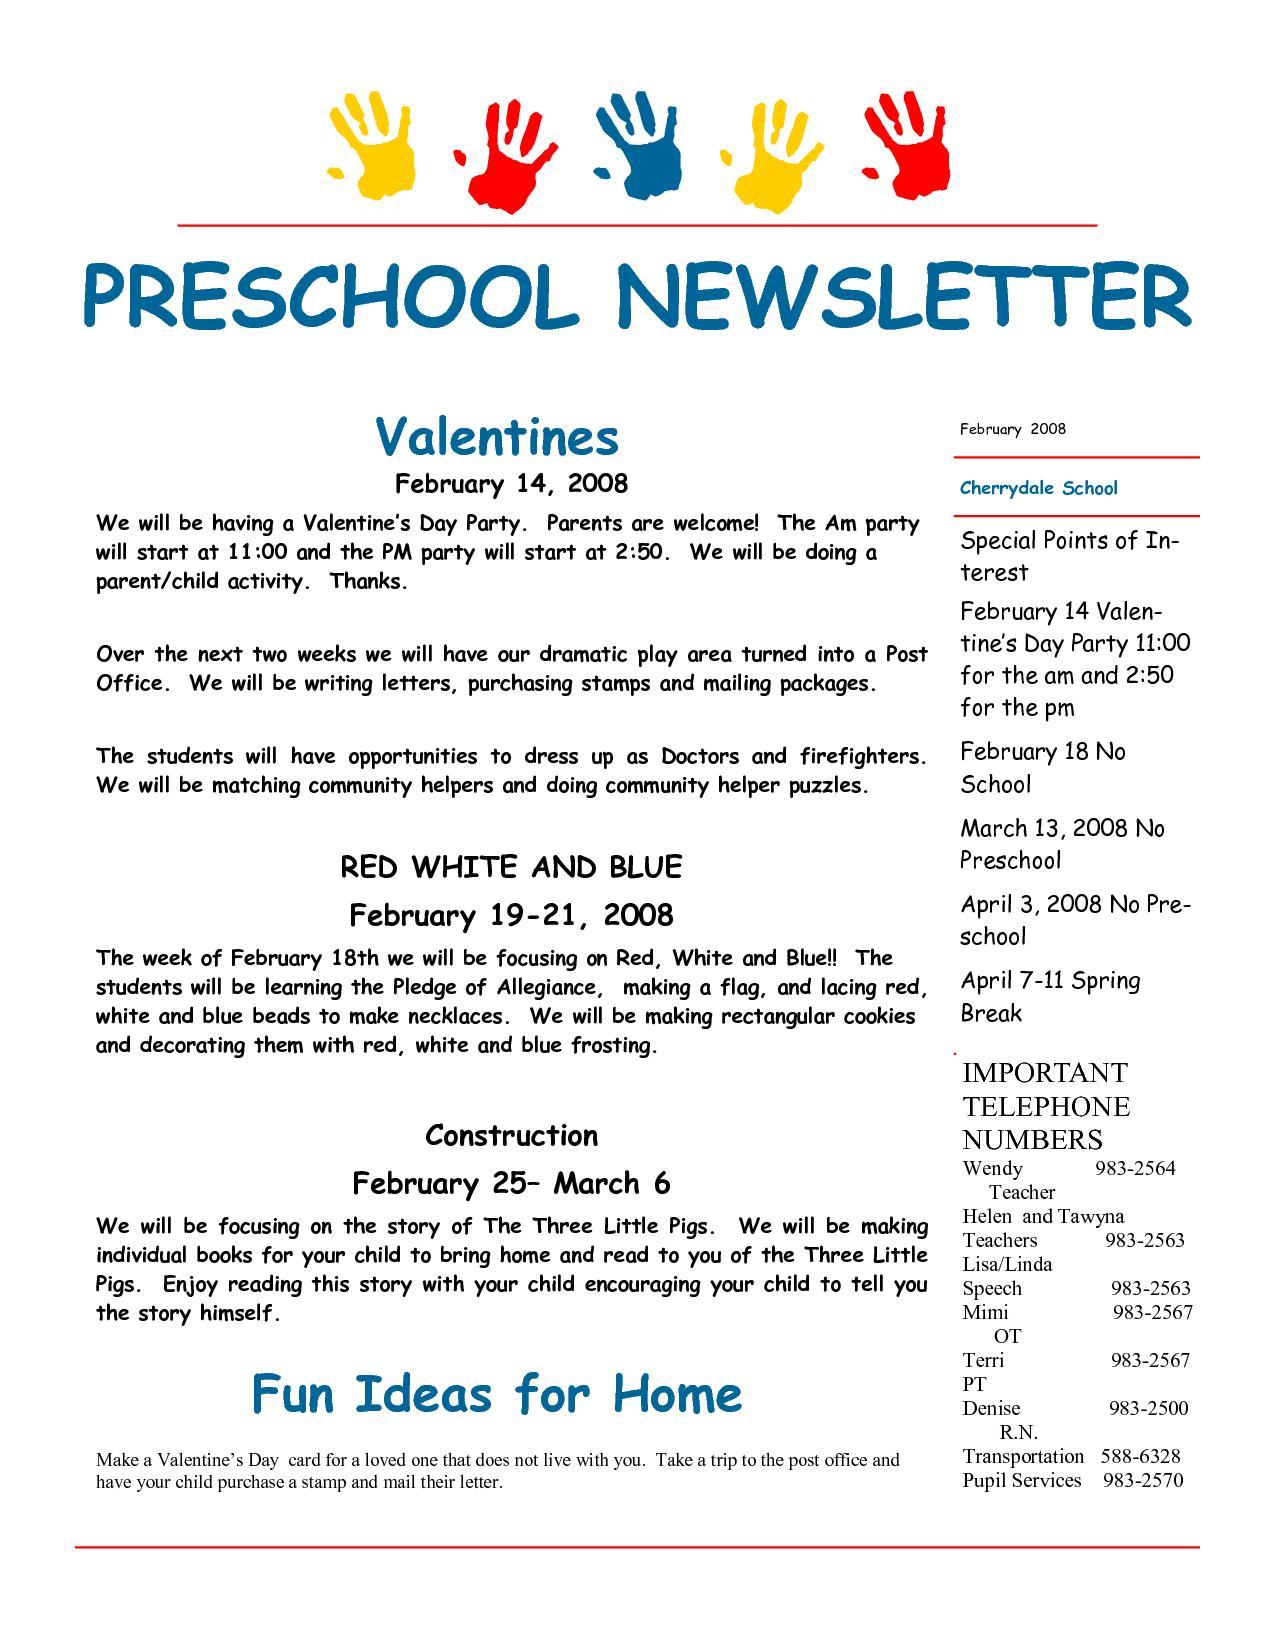 February Newsletter Template For Preschool